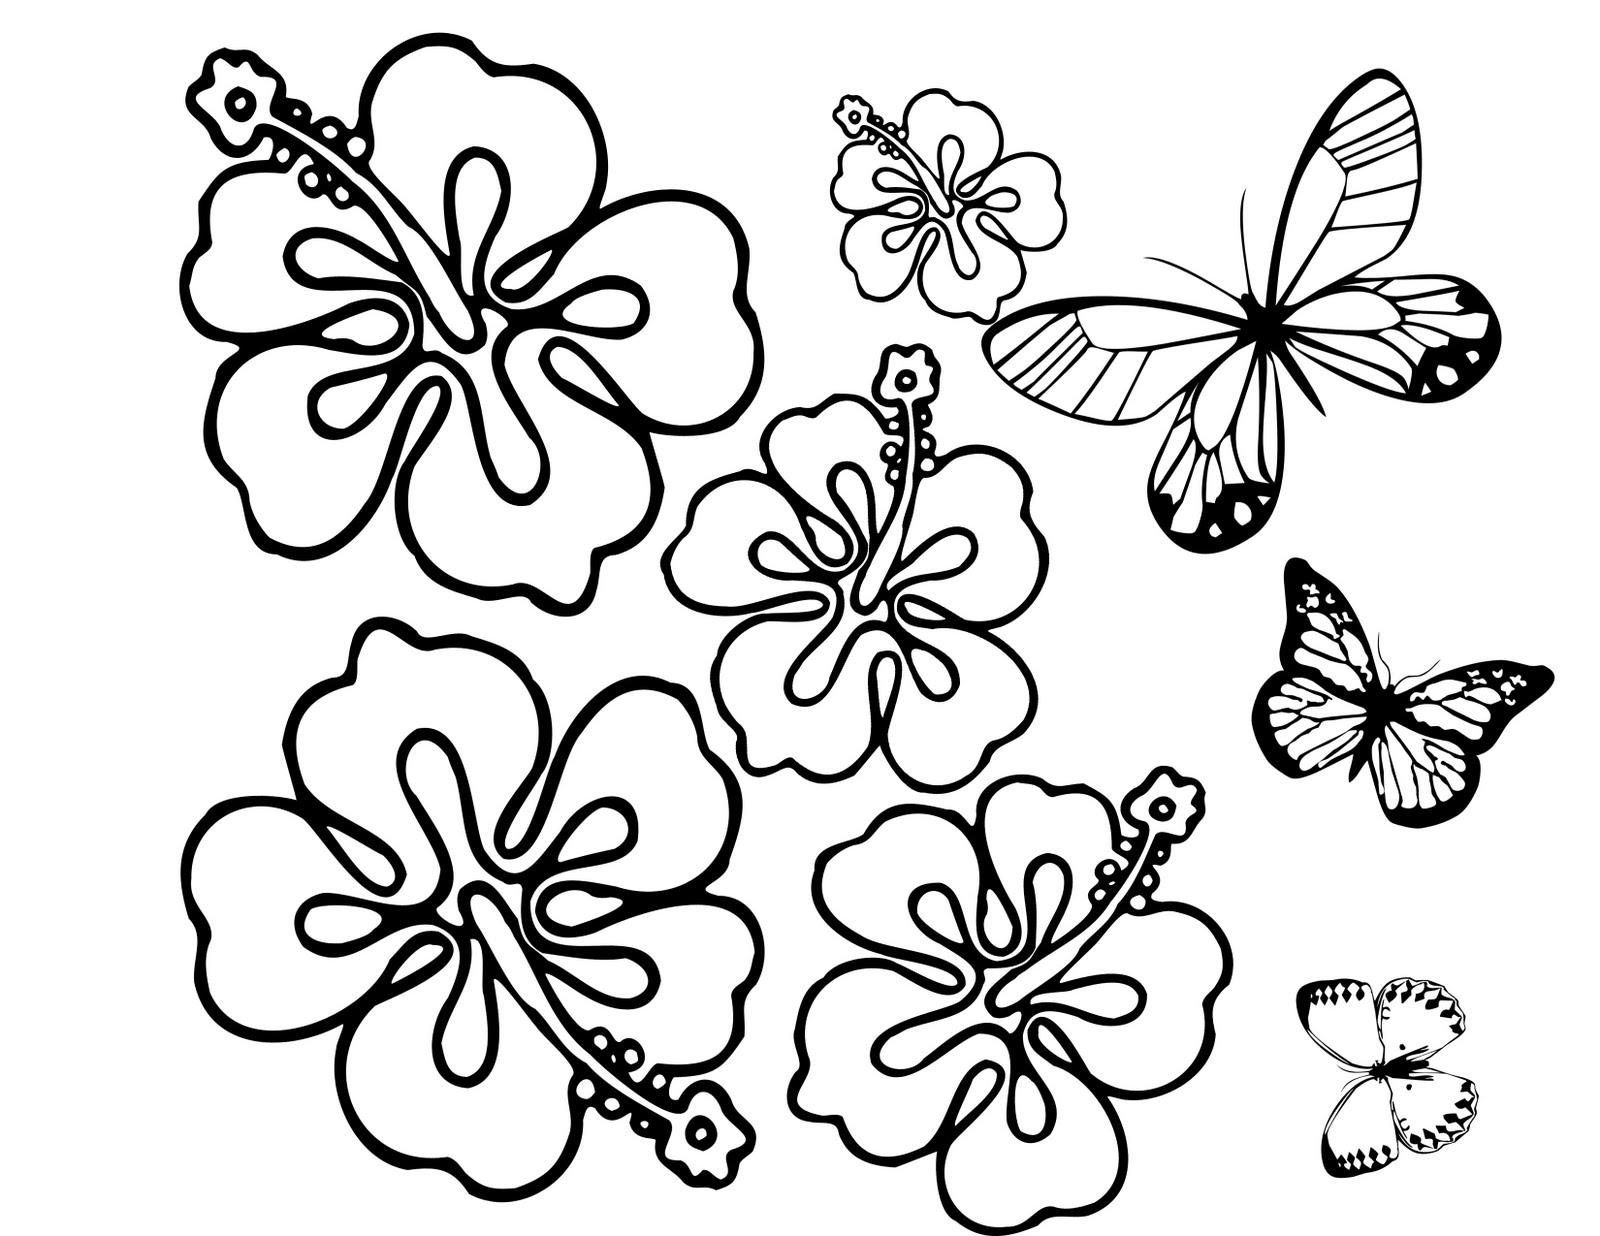 Flores y mariposas listas para colorear, pintar, o llenar con bolitas ...